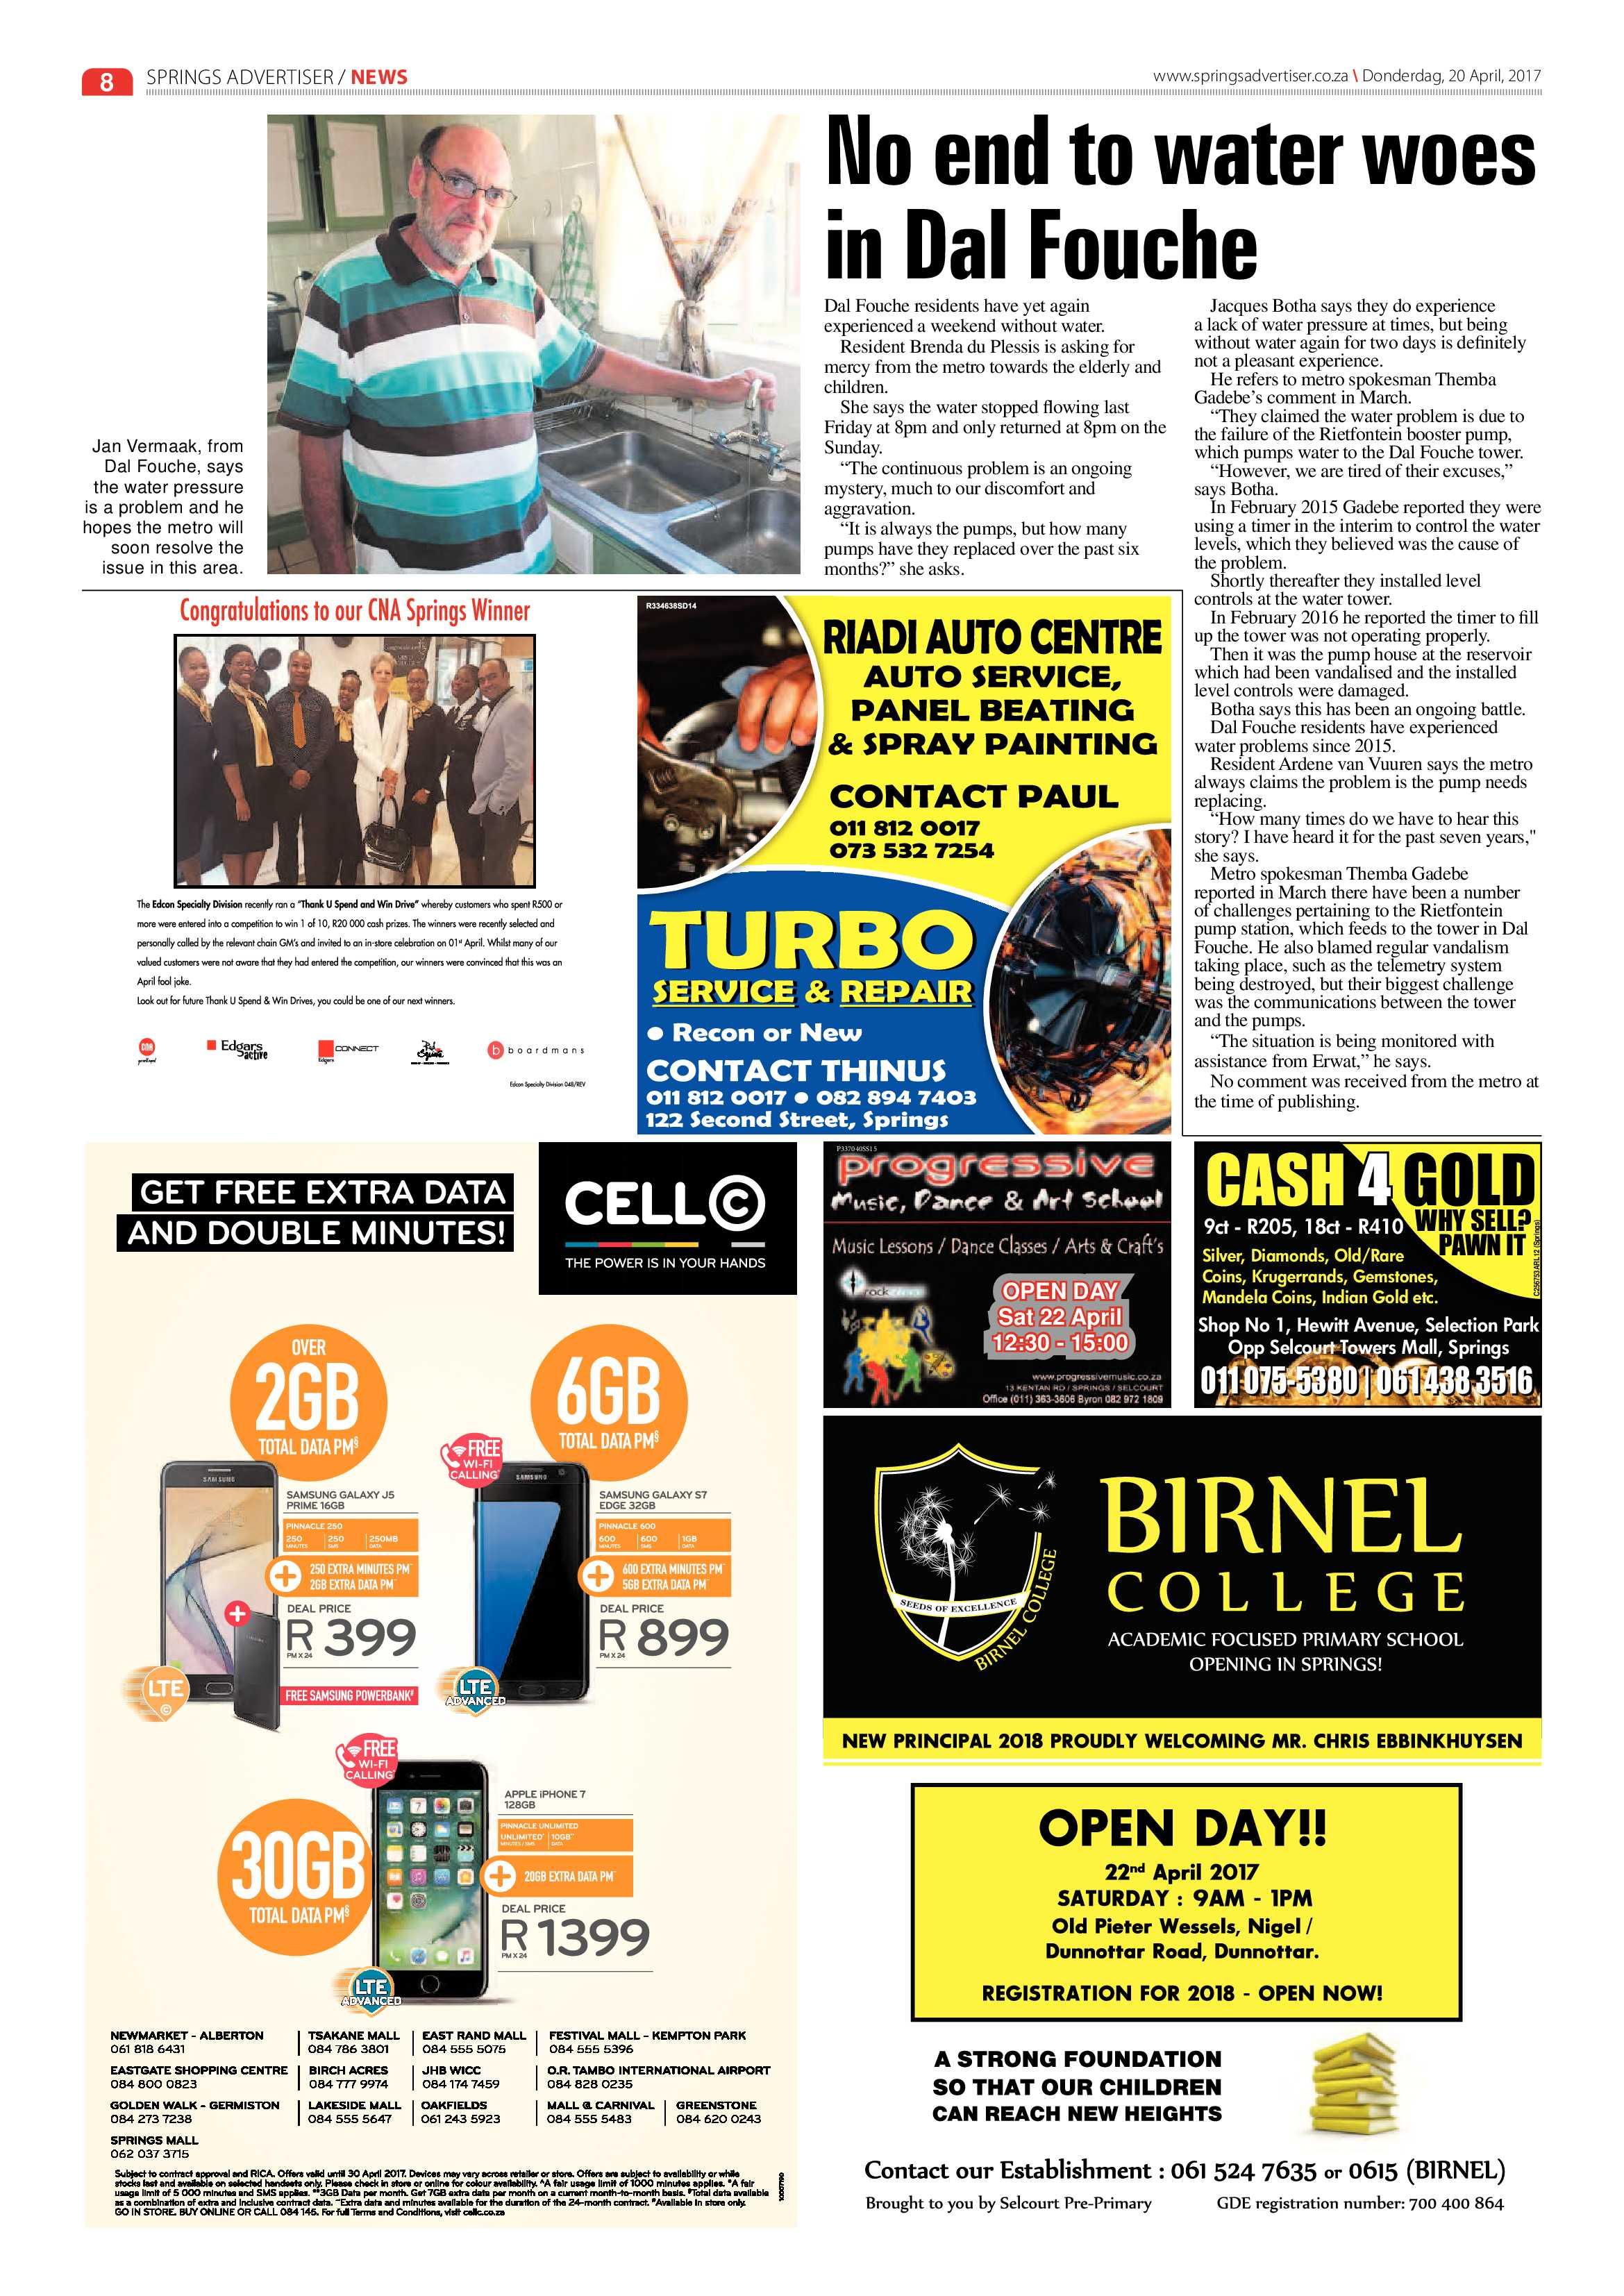 springs-advertiser-2-april-2017-epapers-page-8